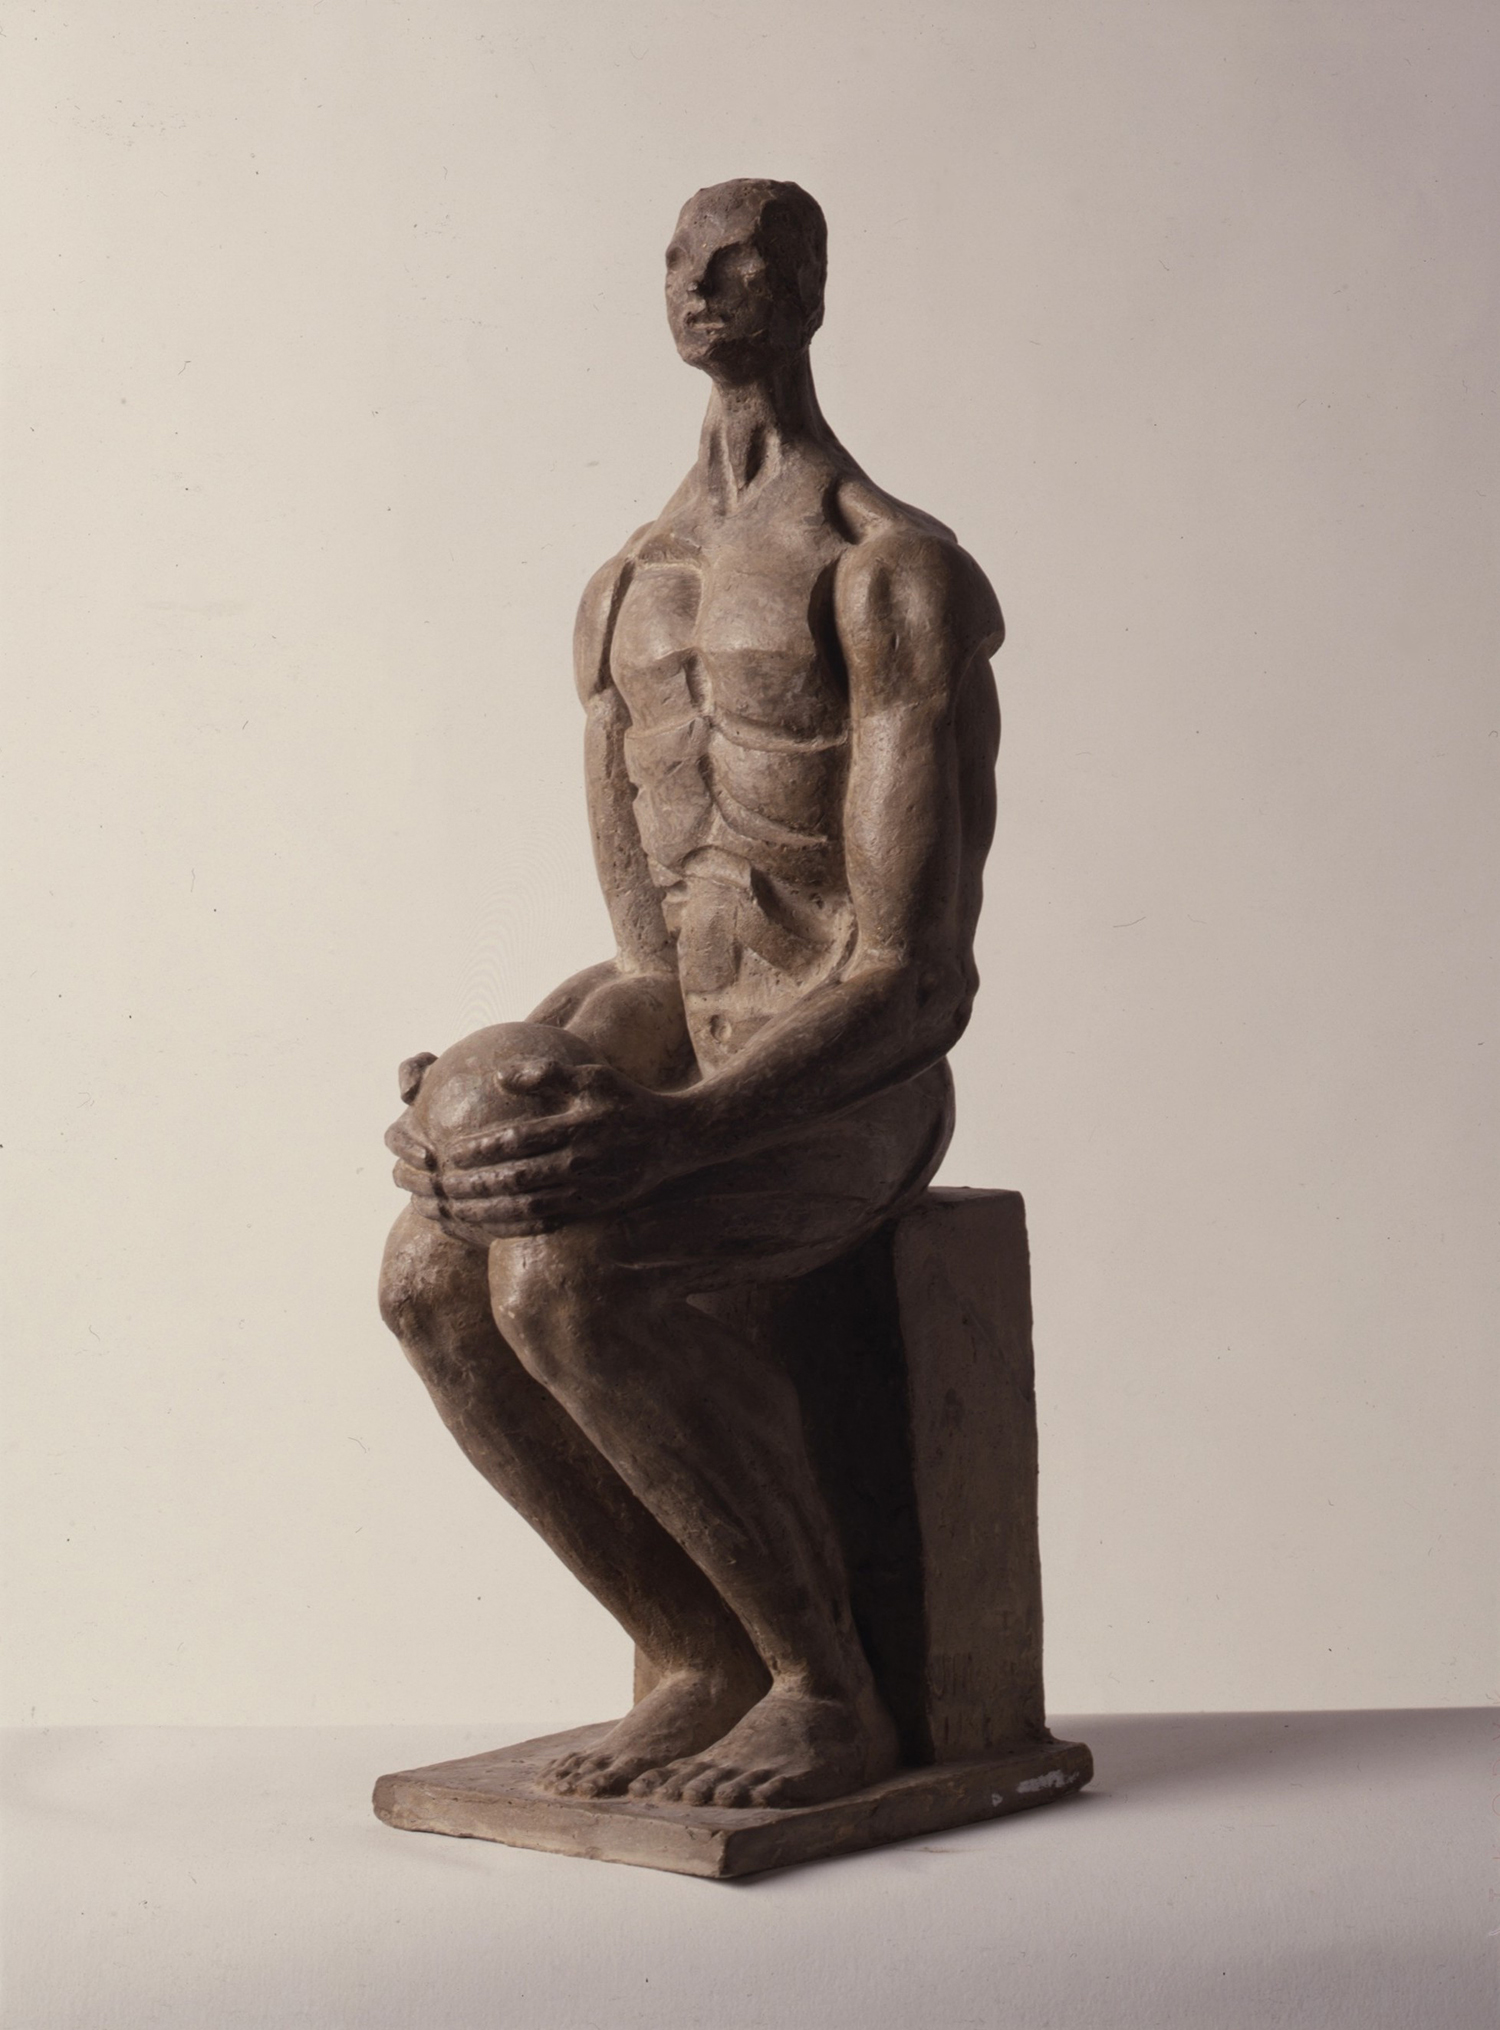 1984.5. Anatomía industrial, hormigón patinado, 38x12x13 cms. 1984